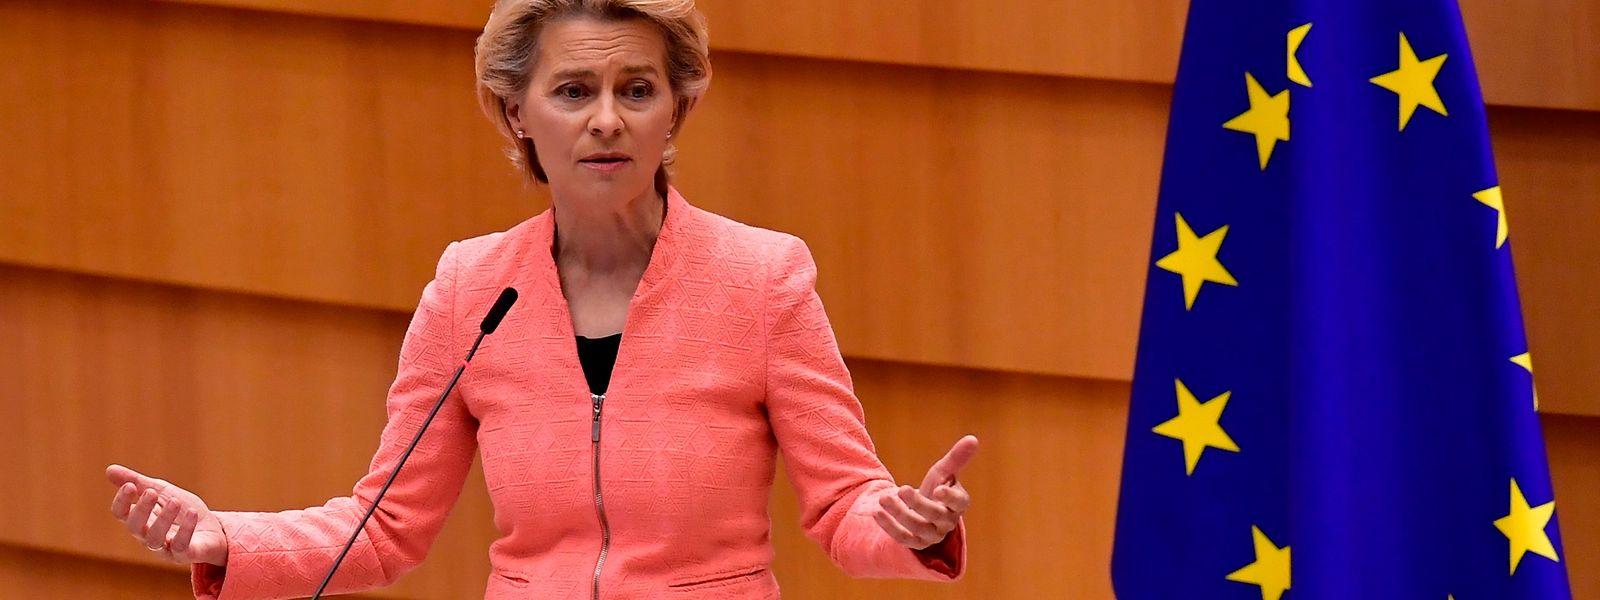 Ursula von der Leyen bei ihrer Rede vor den Parlamentariern.